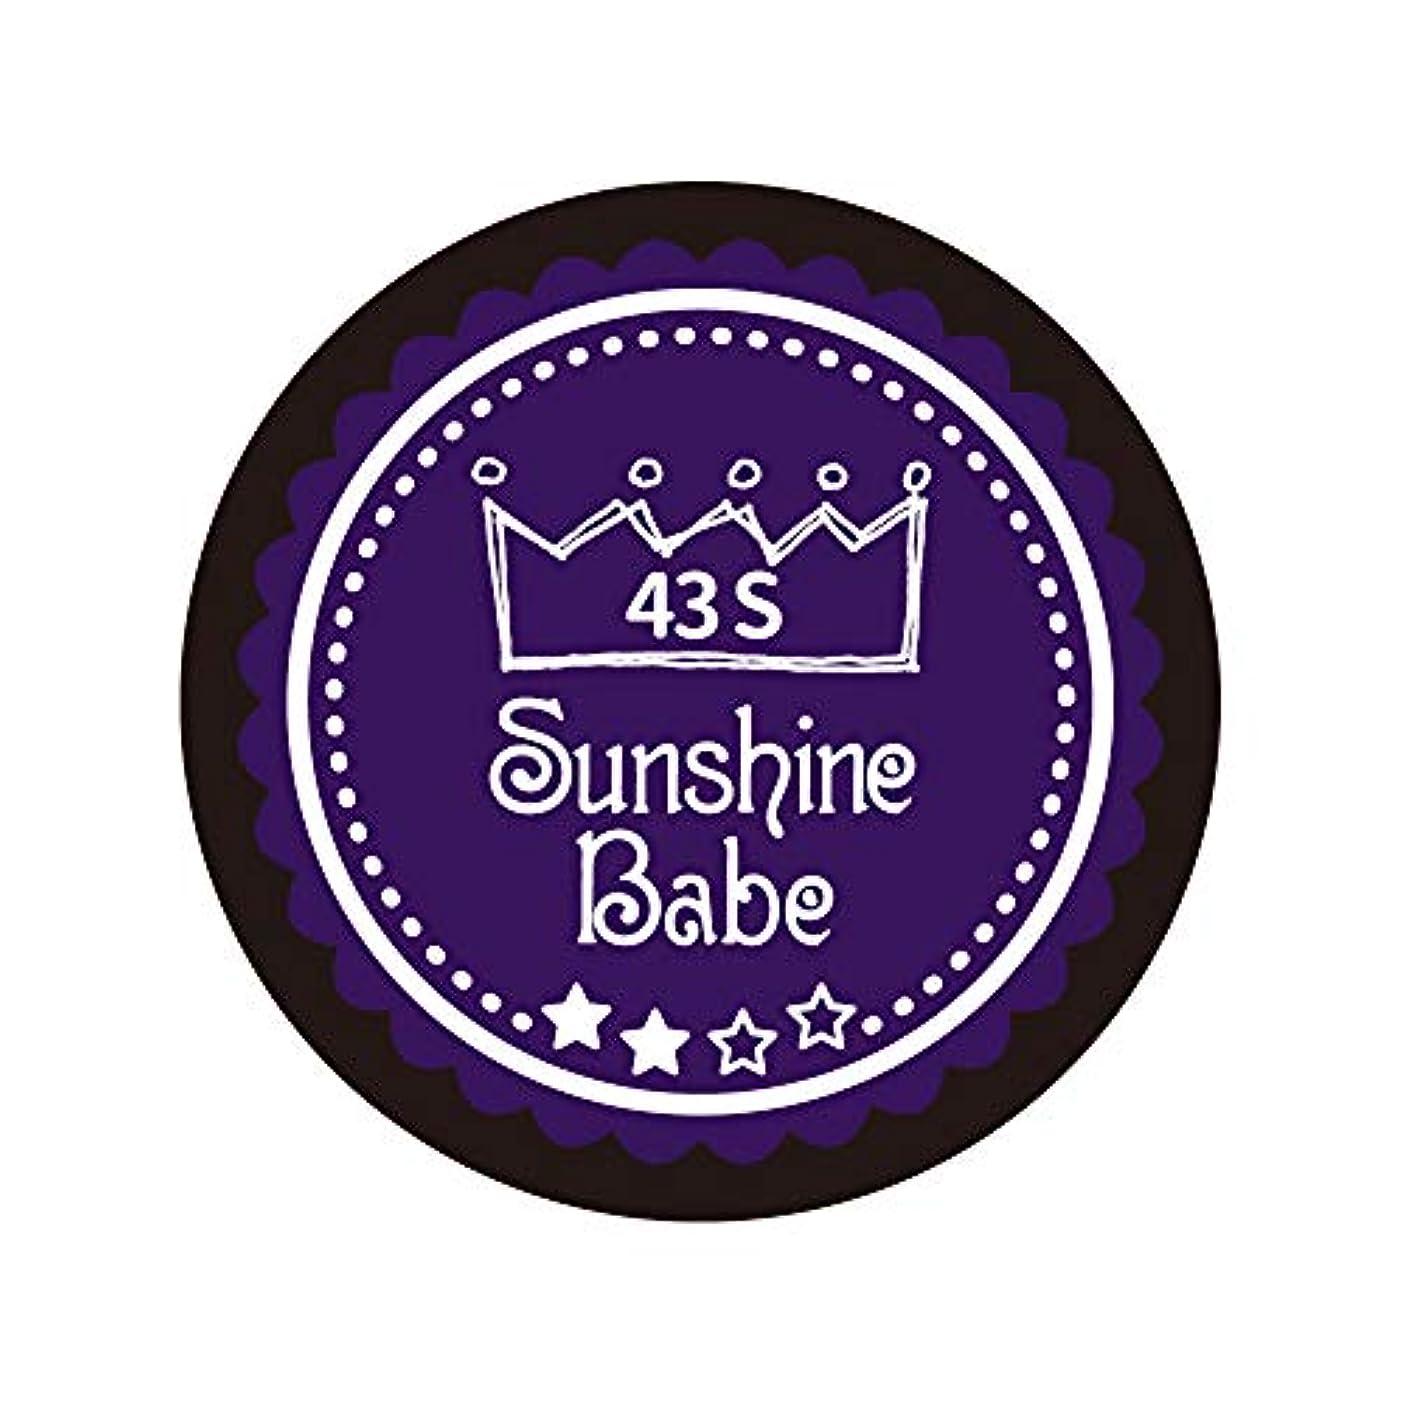 コピーシンポジウム主権者Sunshine Babe カラージェル 43S オータムウルトラバイオレット 4g UV/LED対応